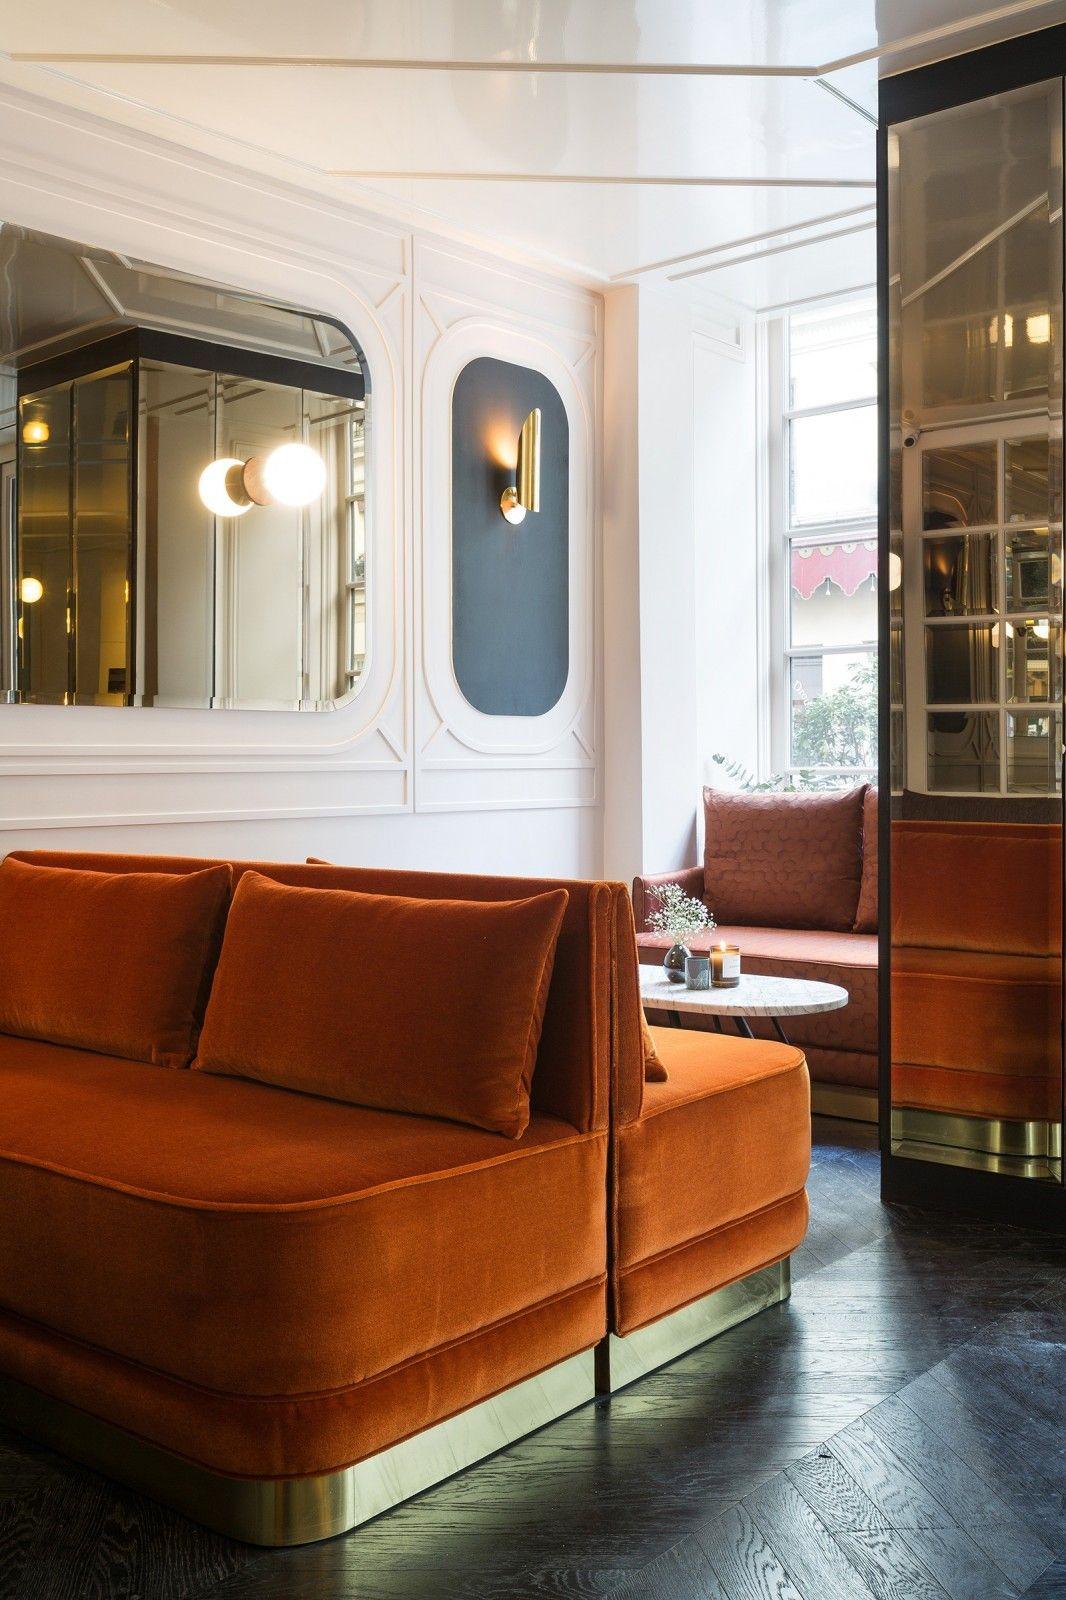 Innenarchitektur Cloppenburg hôtel panache empfang hotel airbnb living room